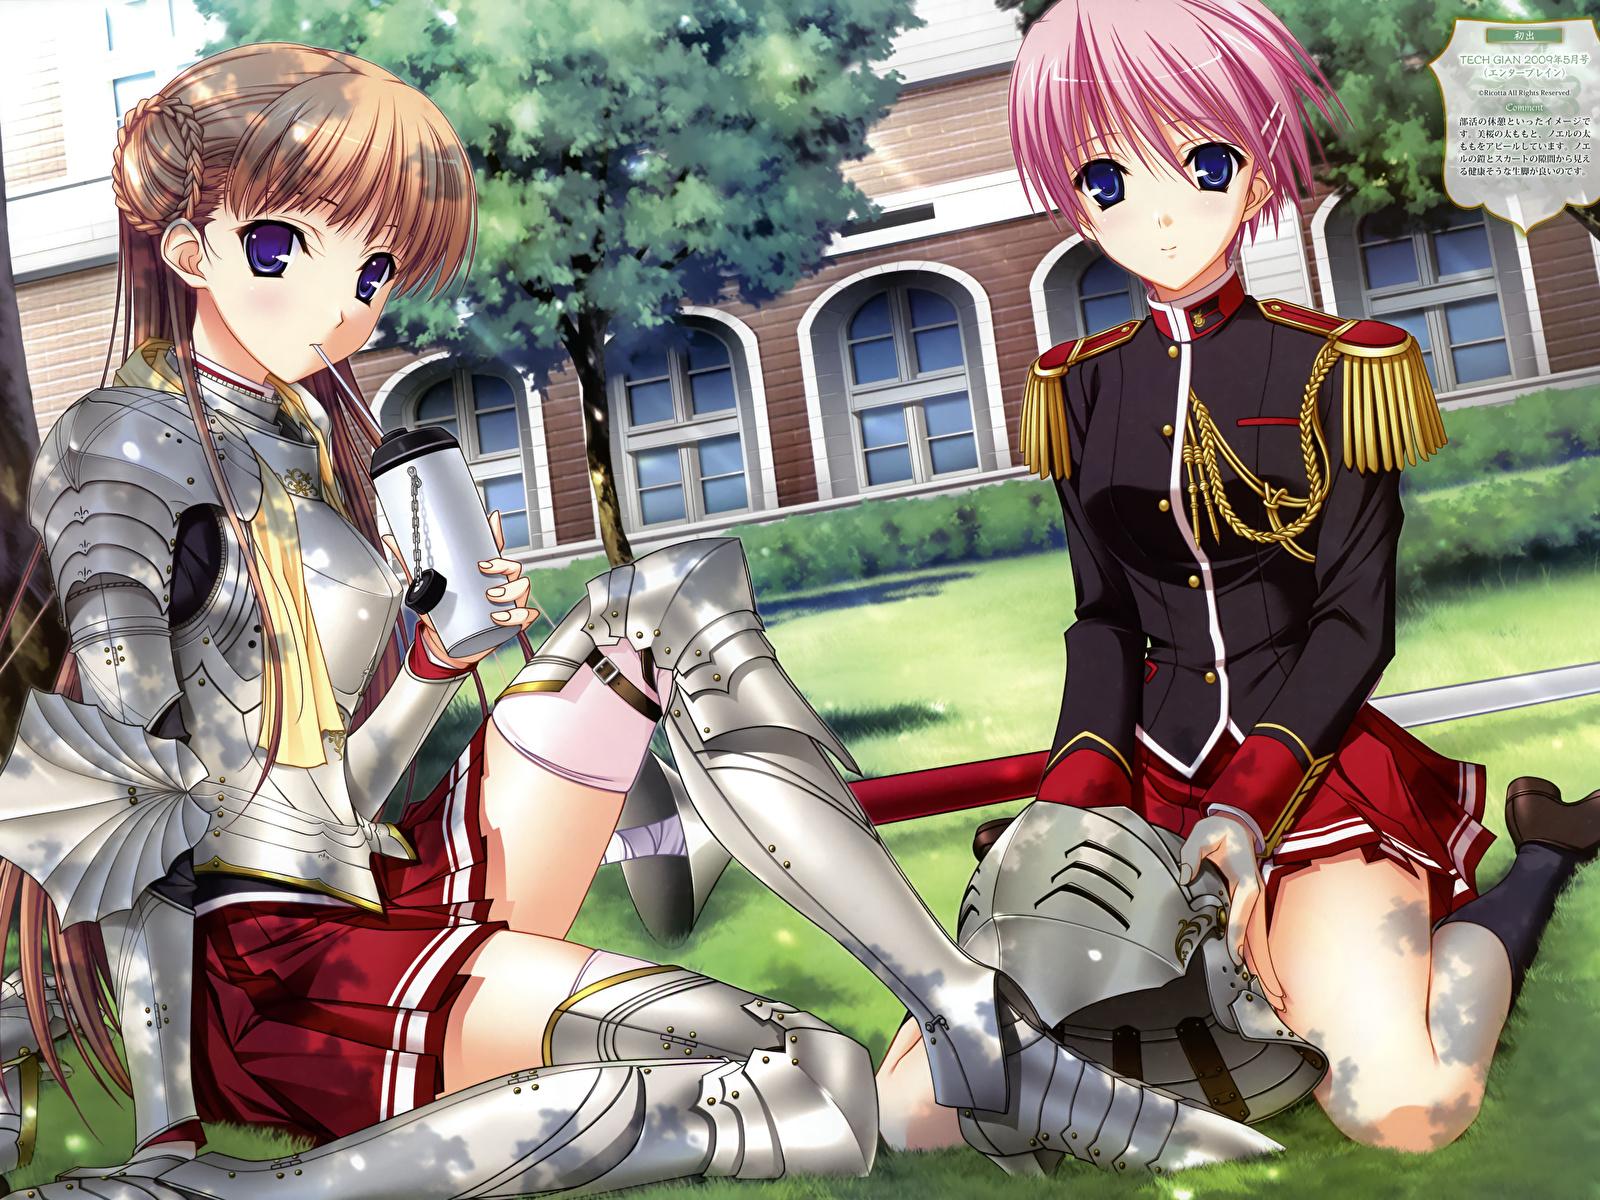 壁紙 1600x1200 ワルキューレロマンツェ 少女騎士物語 ゲーム